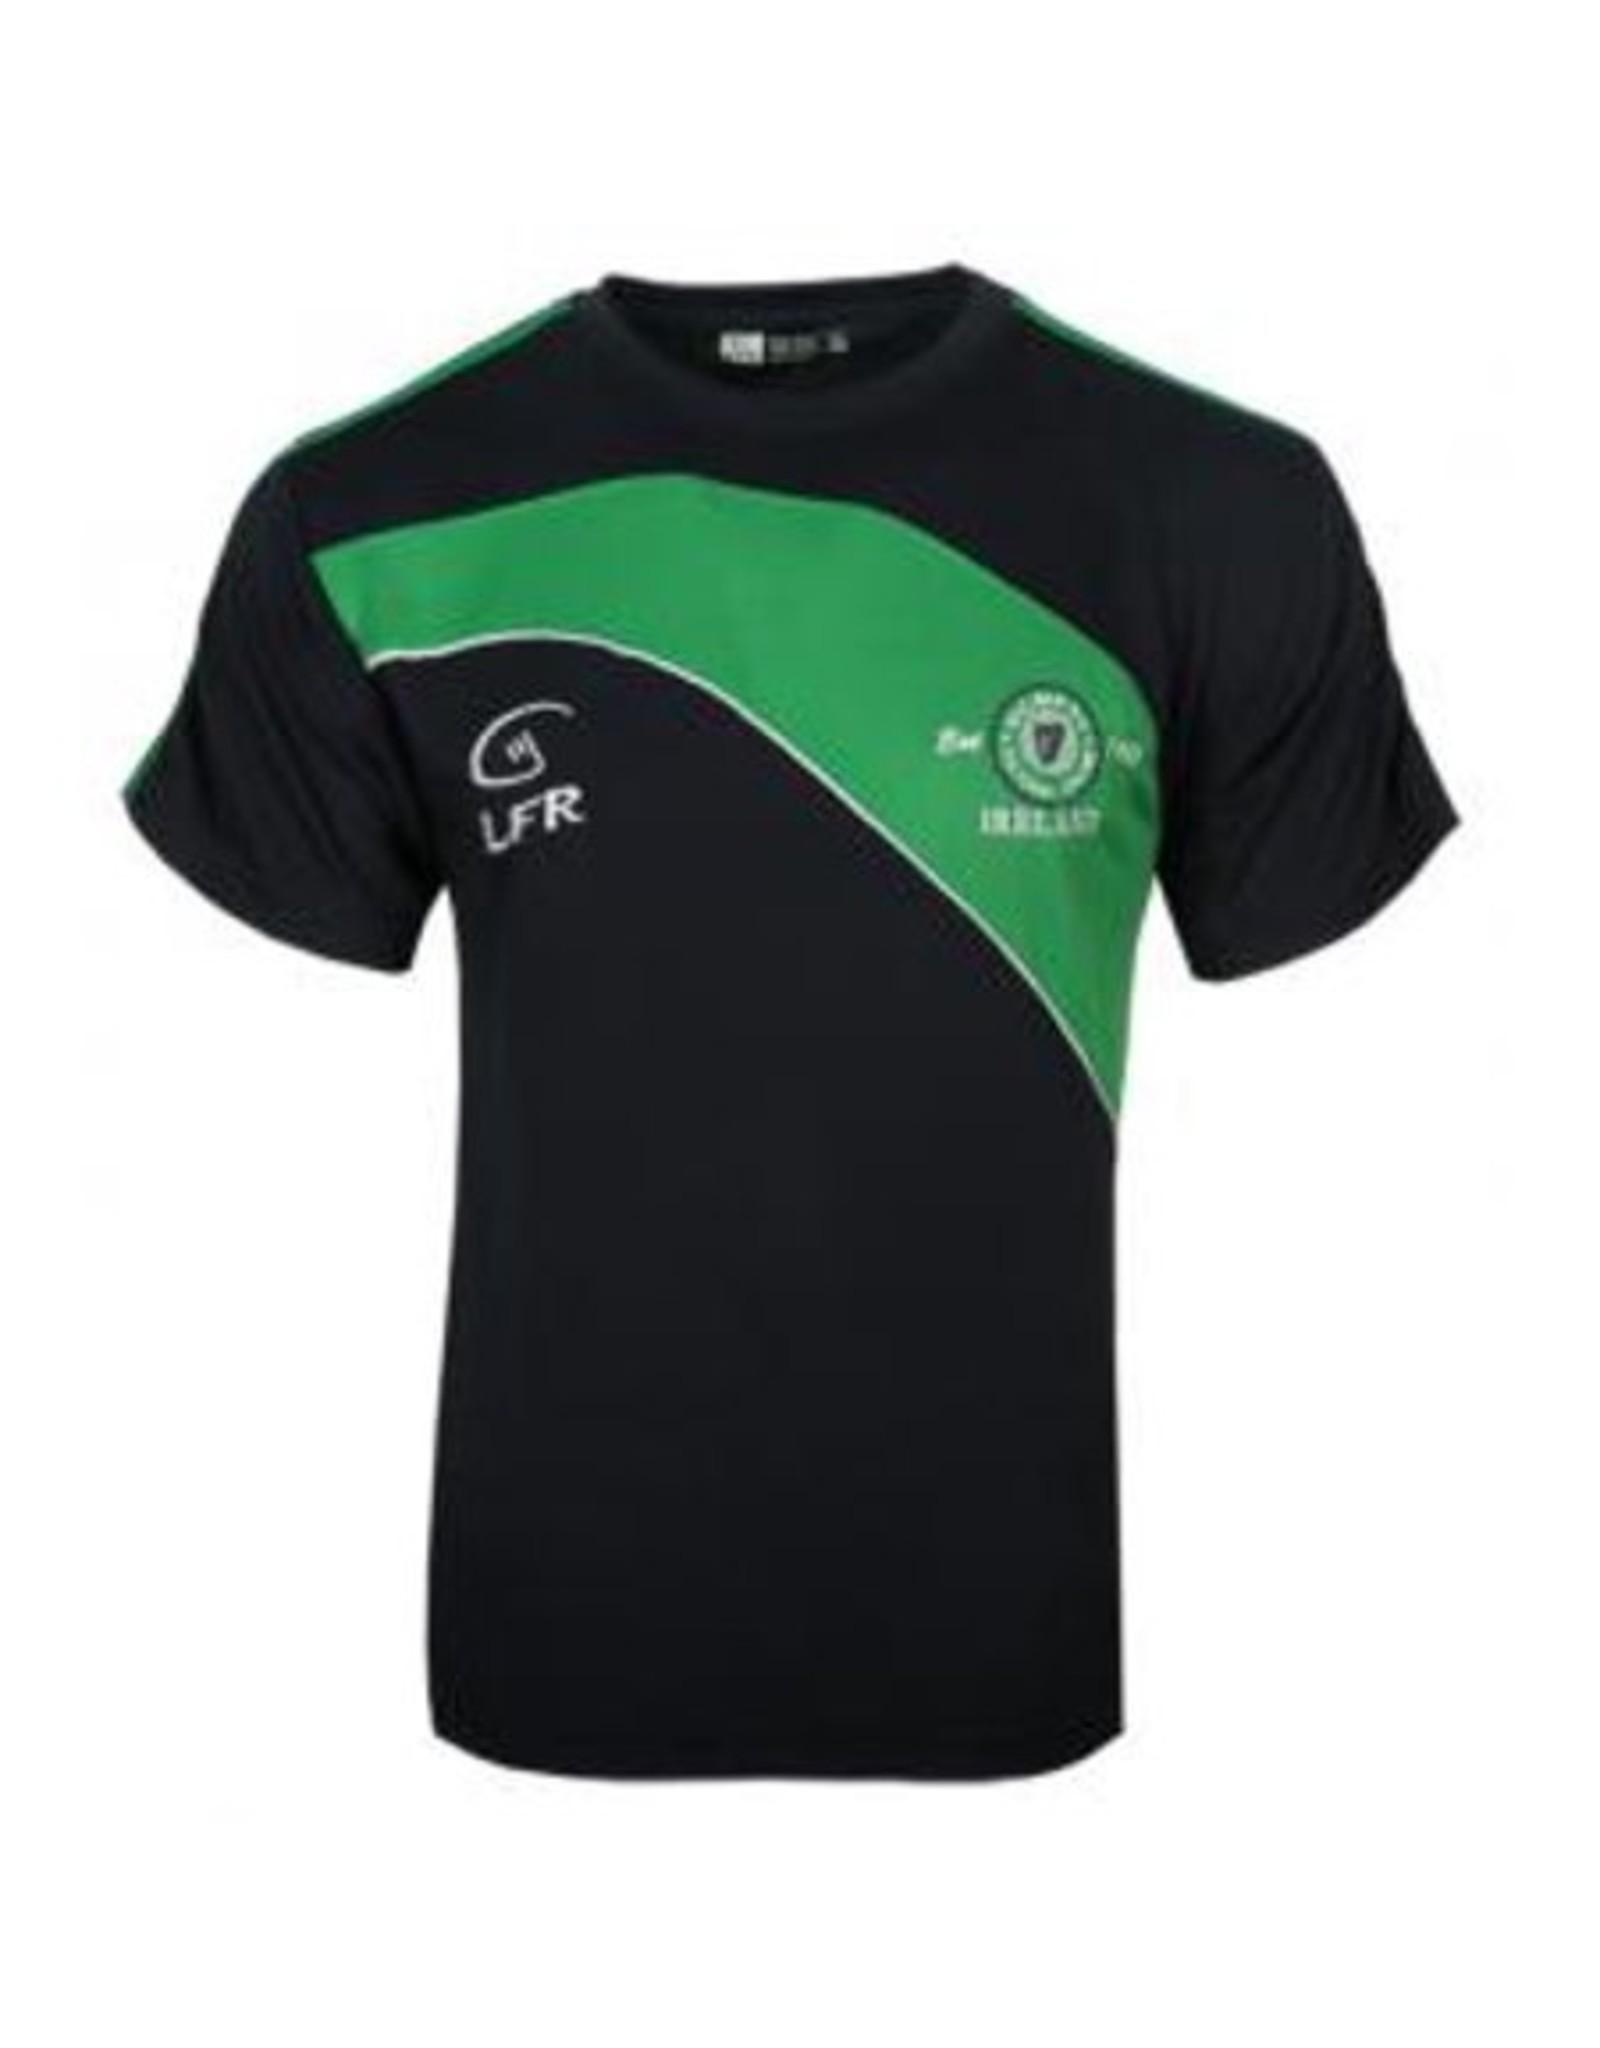 Malham USA Ireland 1922 Breathable T-shirt